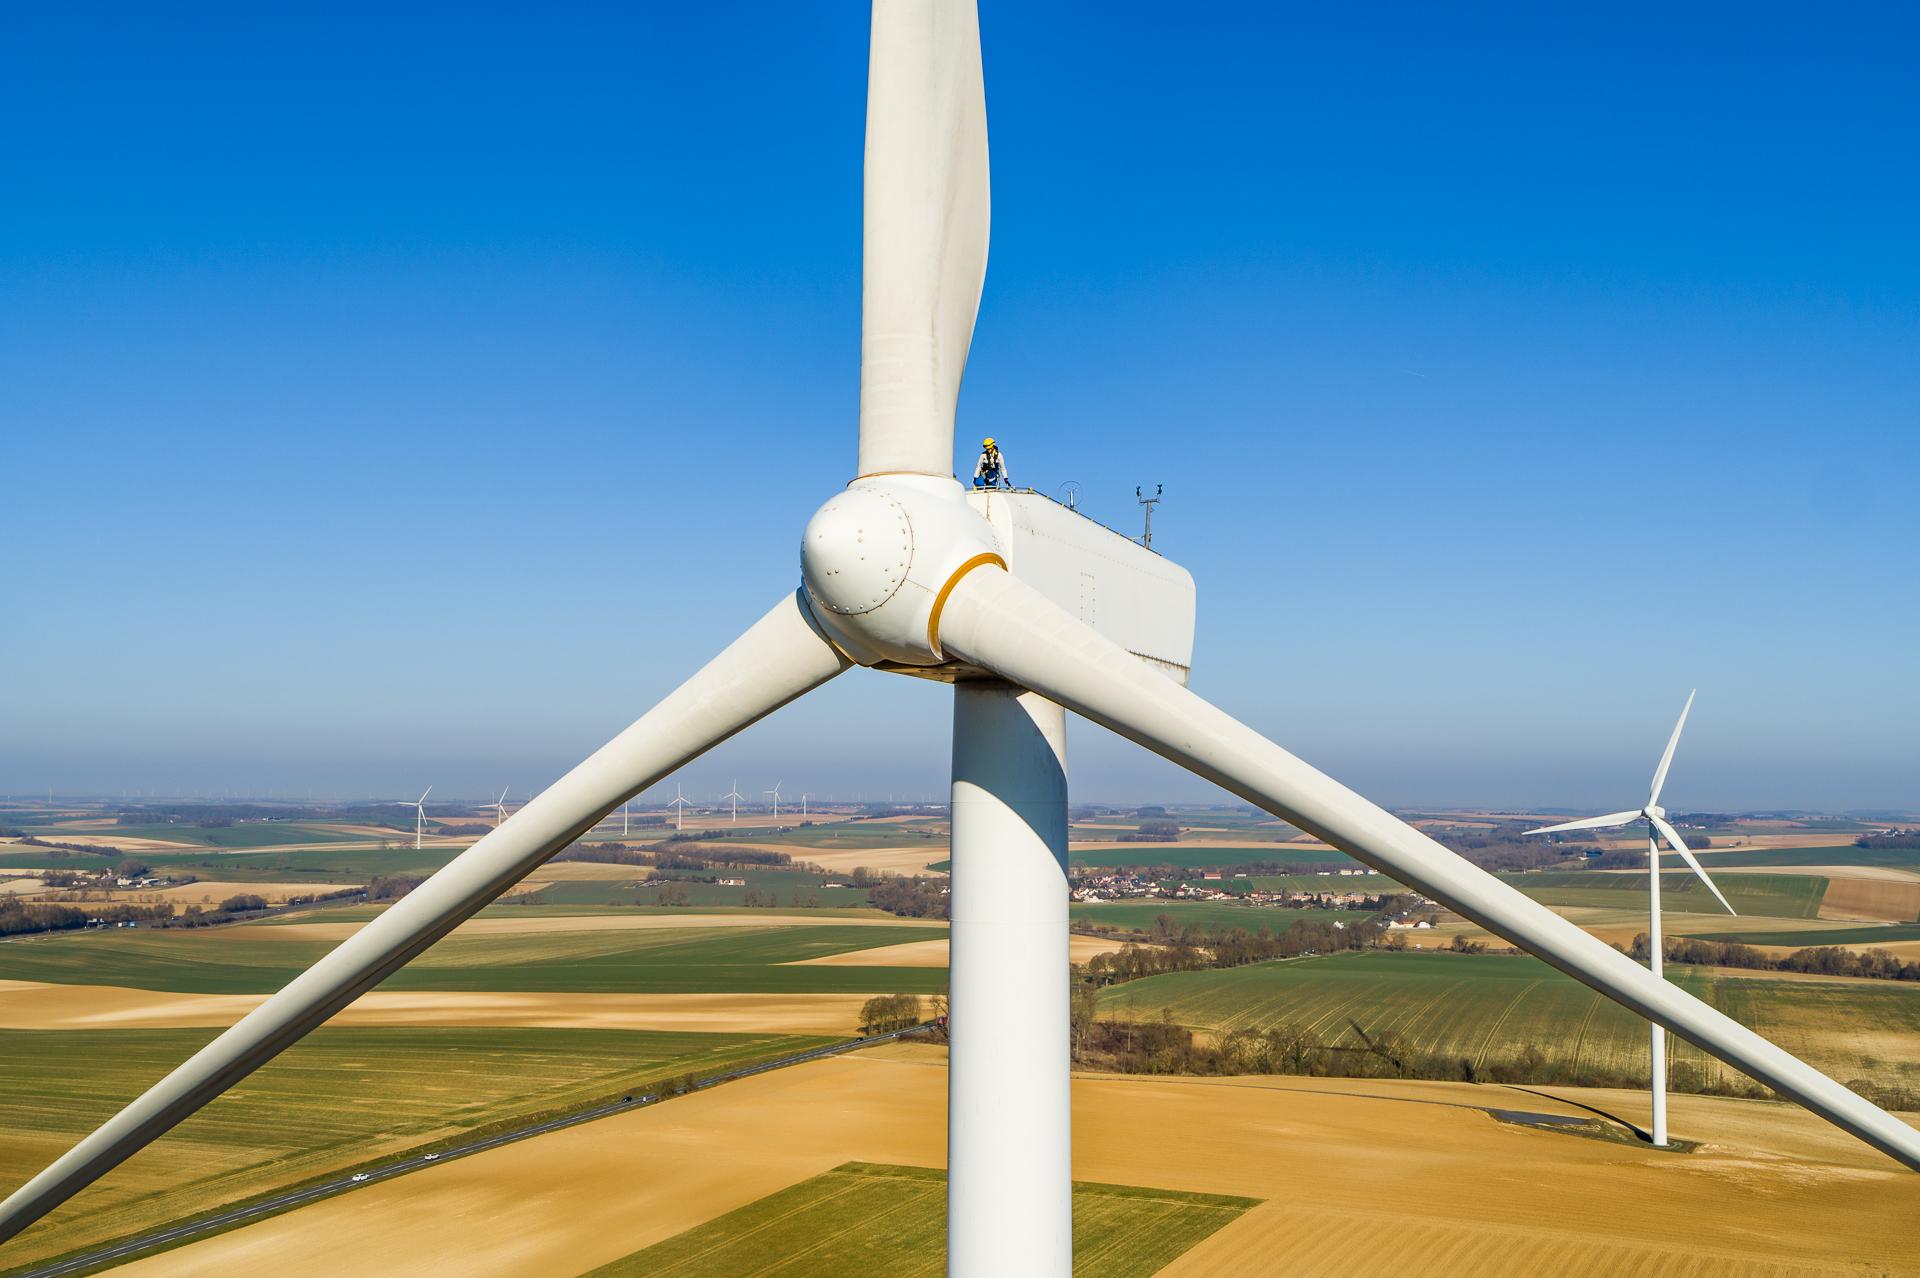 Kallista_Energy_Picardie_Omissy-0752©Stephane_Leroy.jpg